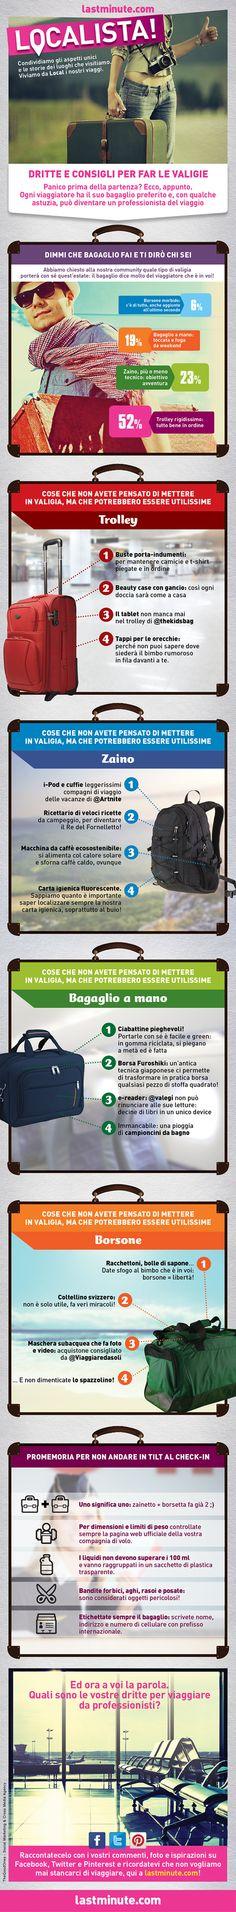 Panico prima della #partenza? Ecco, appunto. Ogni #viaggiatore ha il suo #bagaglio preferito e, con qualche astuzia, può diventare un professionista del #viaggio! #valigie #trolley #zaino #bagaglioamano #borsone #checkin #travel #lastminute #moodgraphic #vacanze #estate #offerte #lowcost